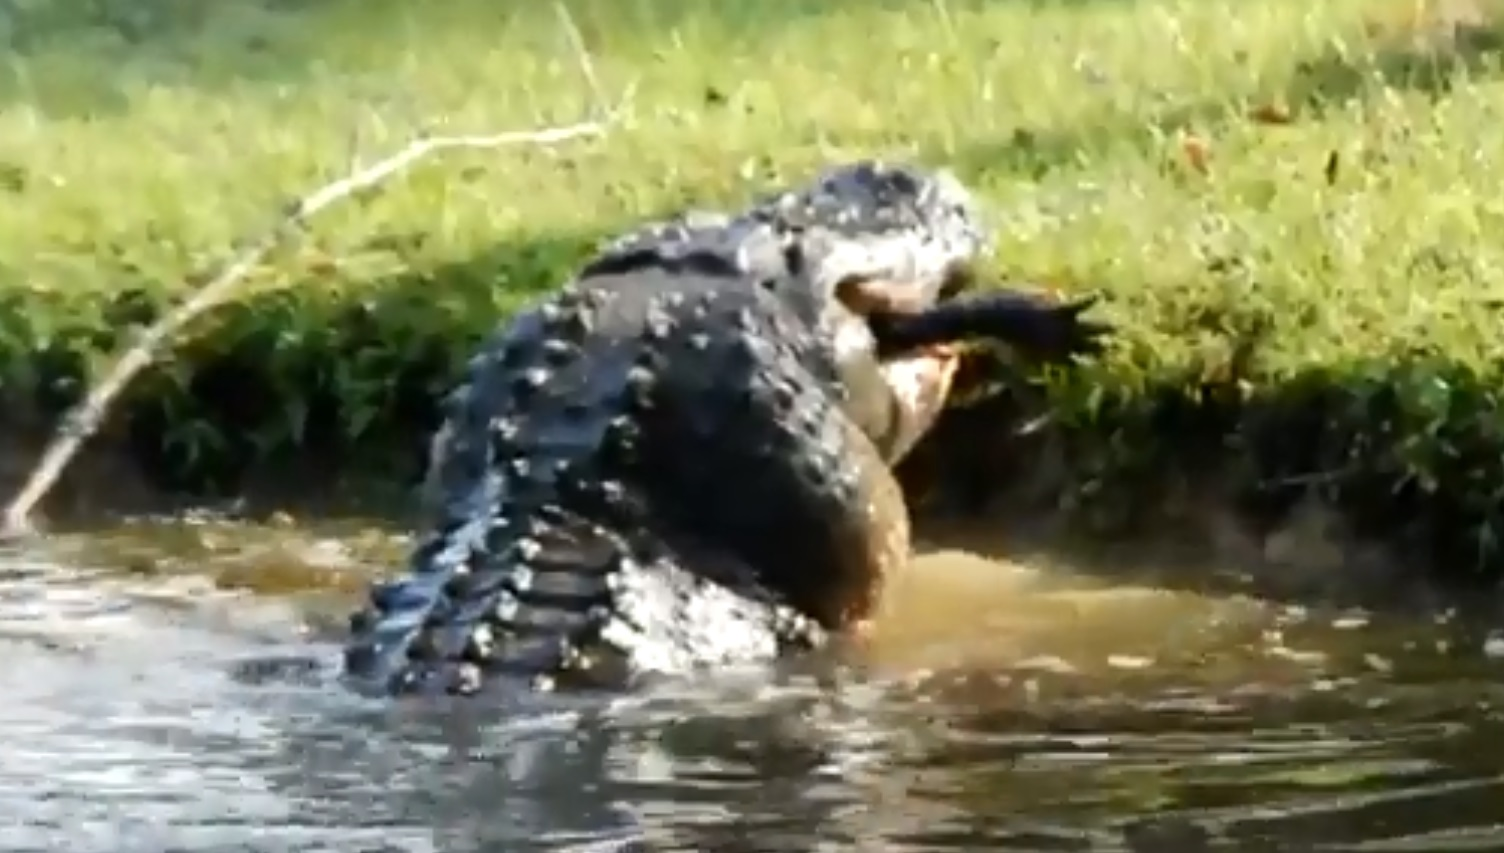 ΗΠΑ: Viral έγινε βίντεο με έναν γιγαντιαίο αλιγάτορα να καταπίνει κροκόδειλο 2 μέτρων